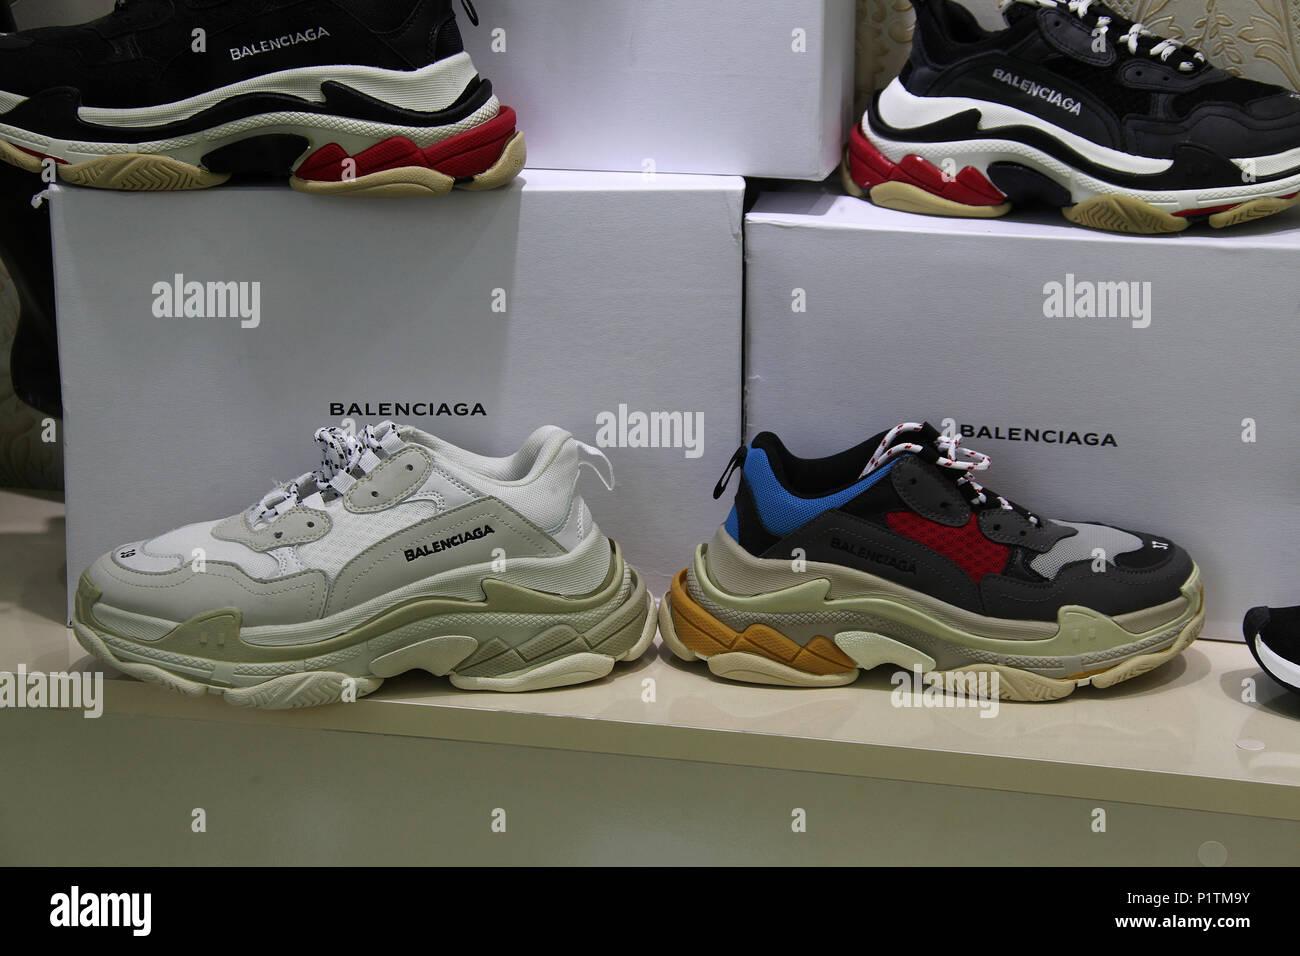 Balenciaga Shoes High Resolution Stock